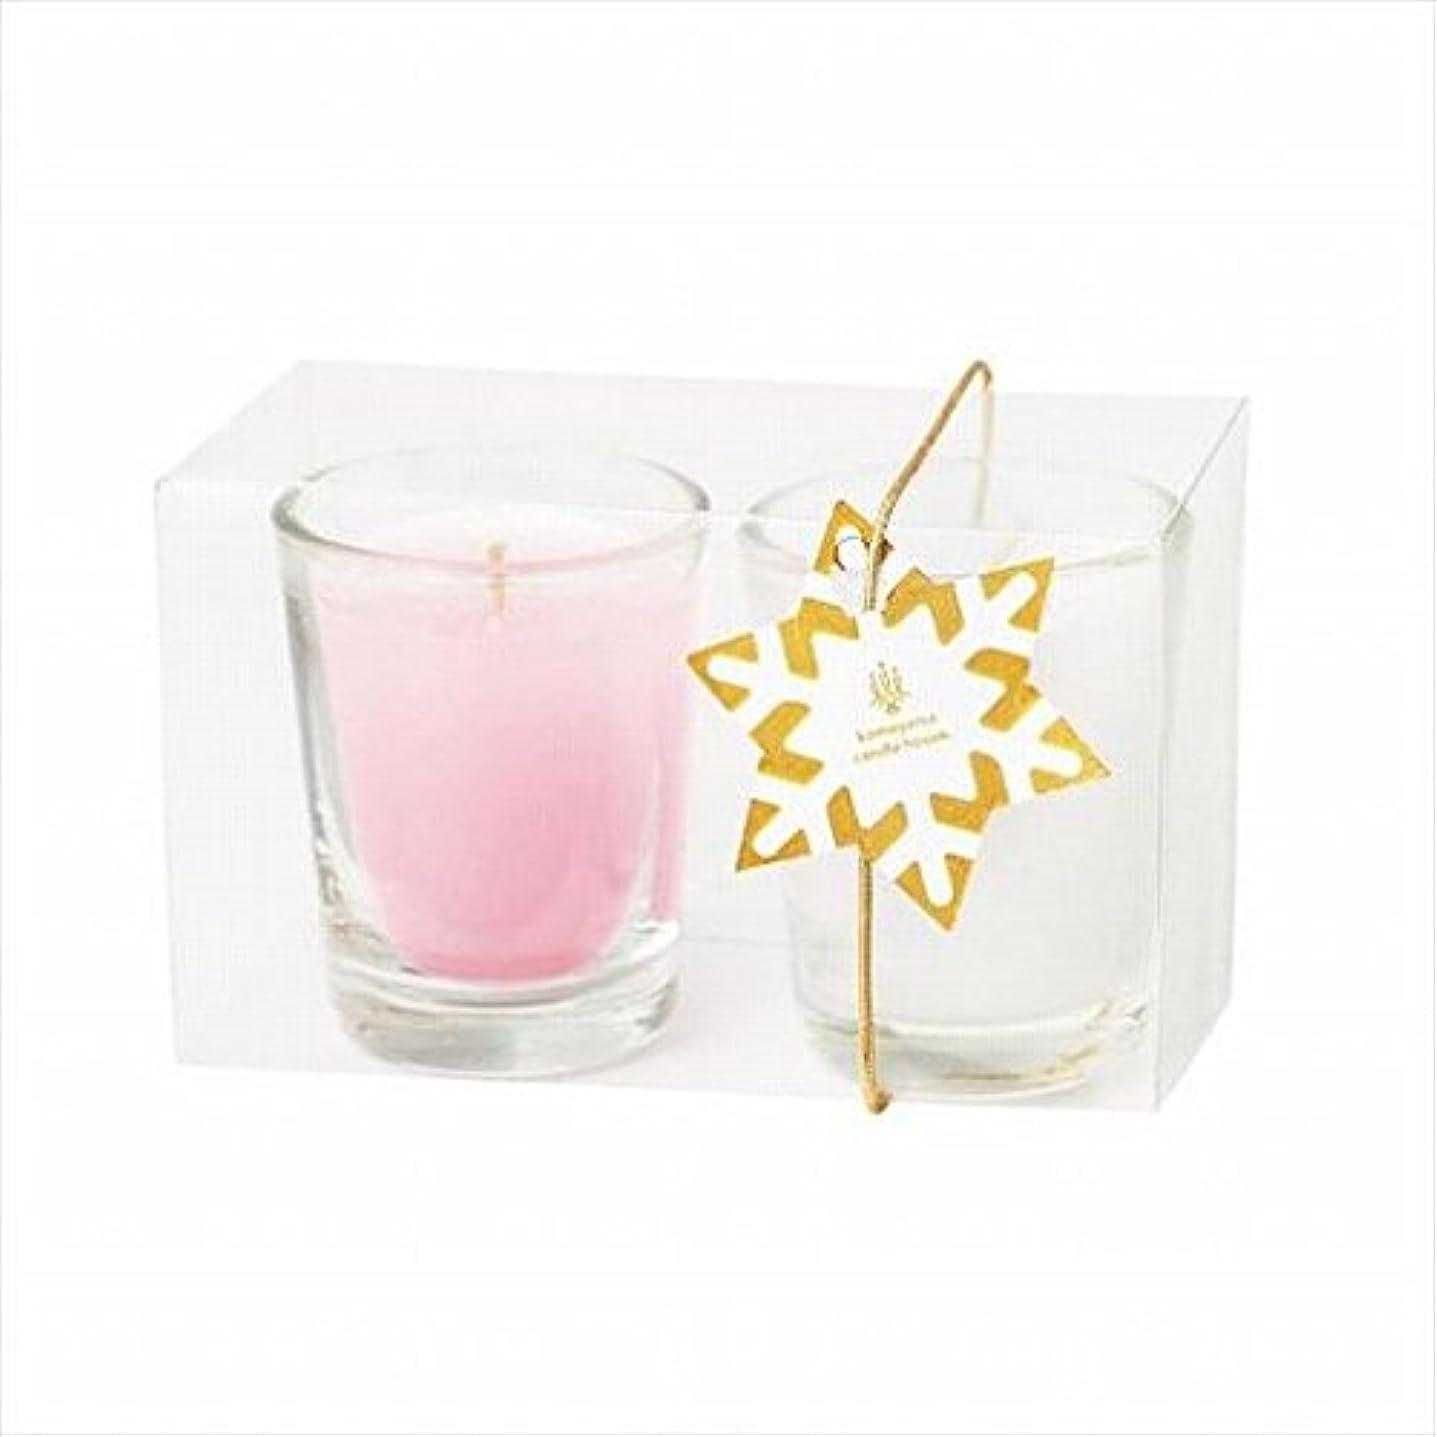 露第収縮kameyama candle(カメヤマキャンドル) ミニライト2個入り 「 ホワイト&ピンク 」(A9570020)